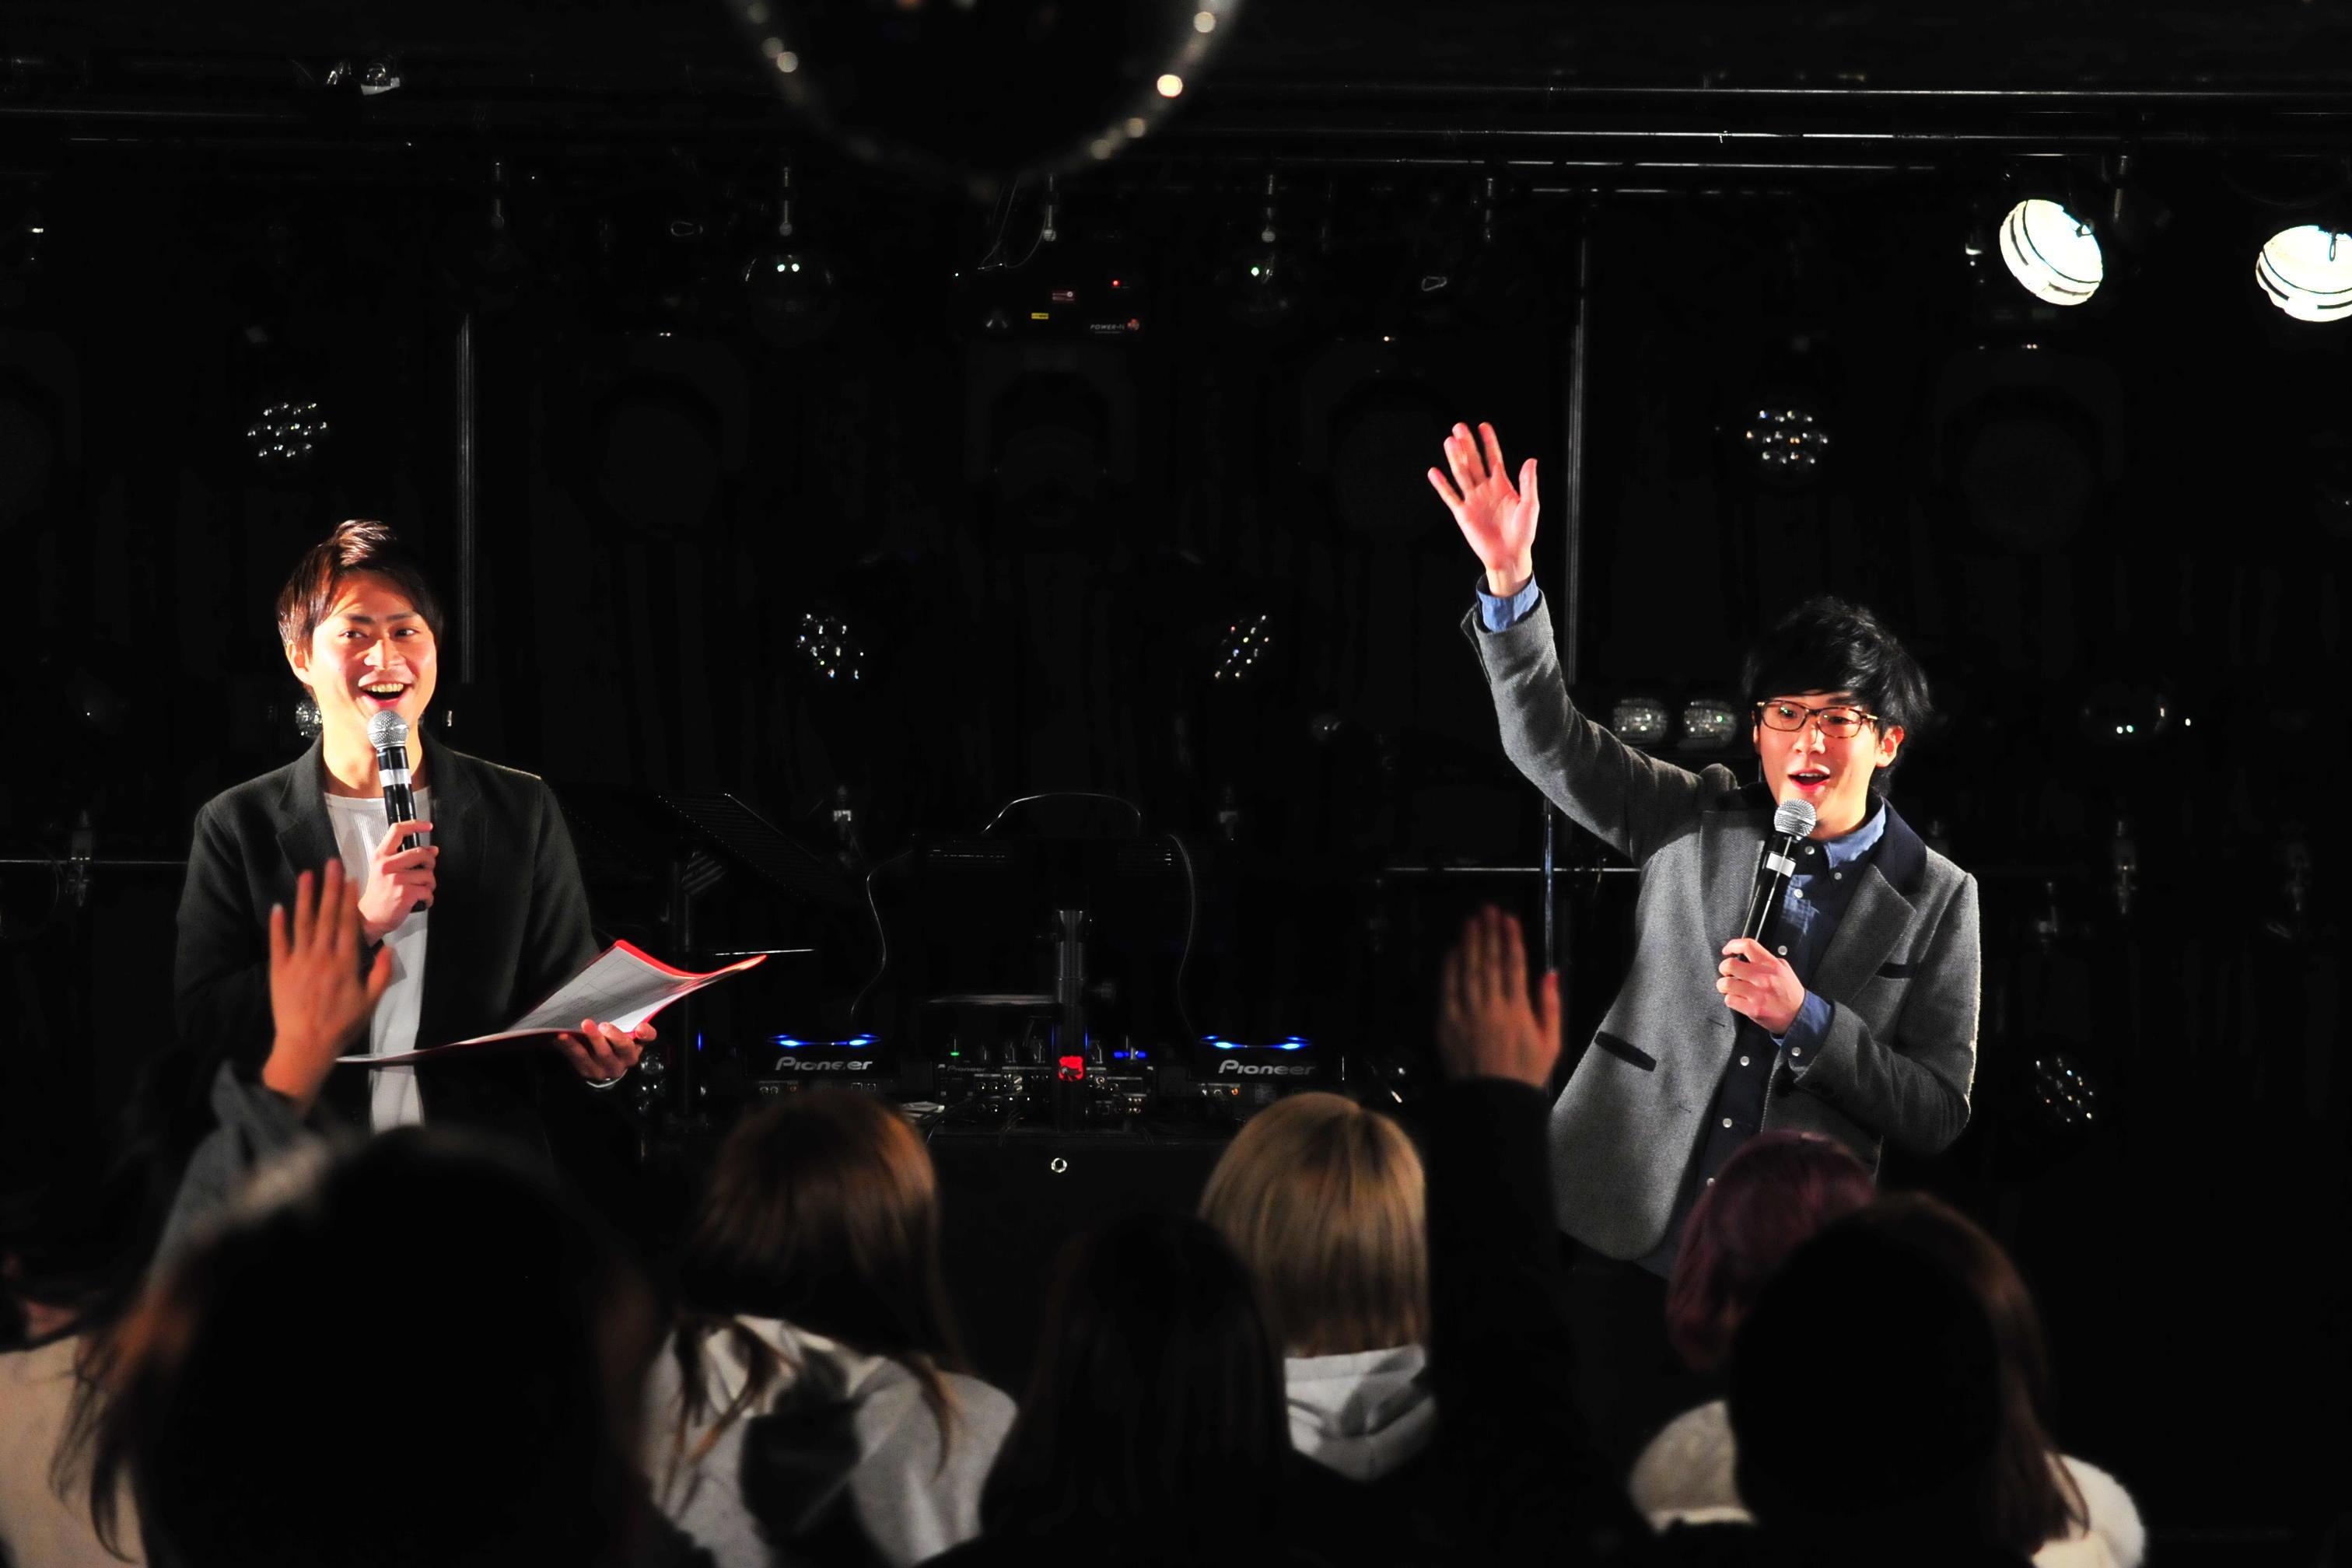 http://news.yoshimoto.co.jp/20170125191639-75abf070cc56266055ef51b6d3aab92ce59b64fc.jpg